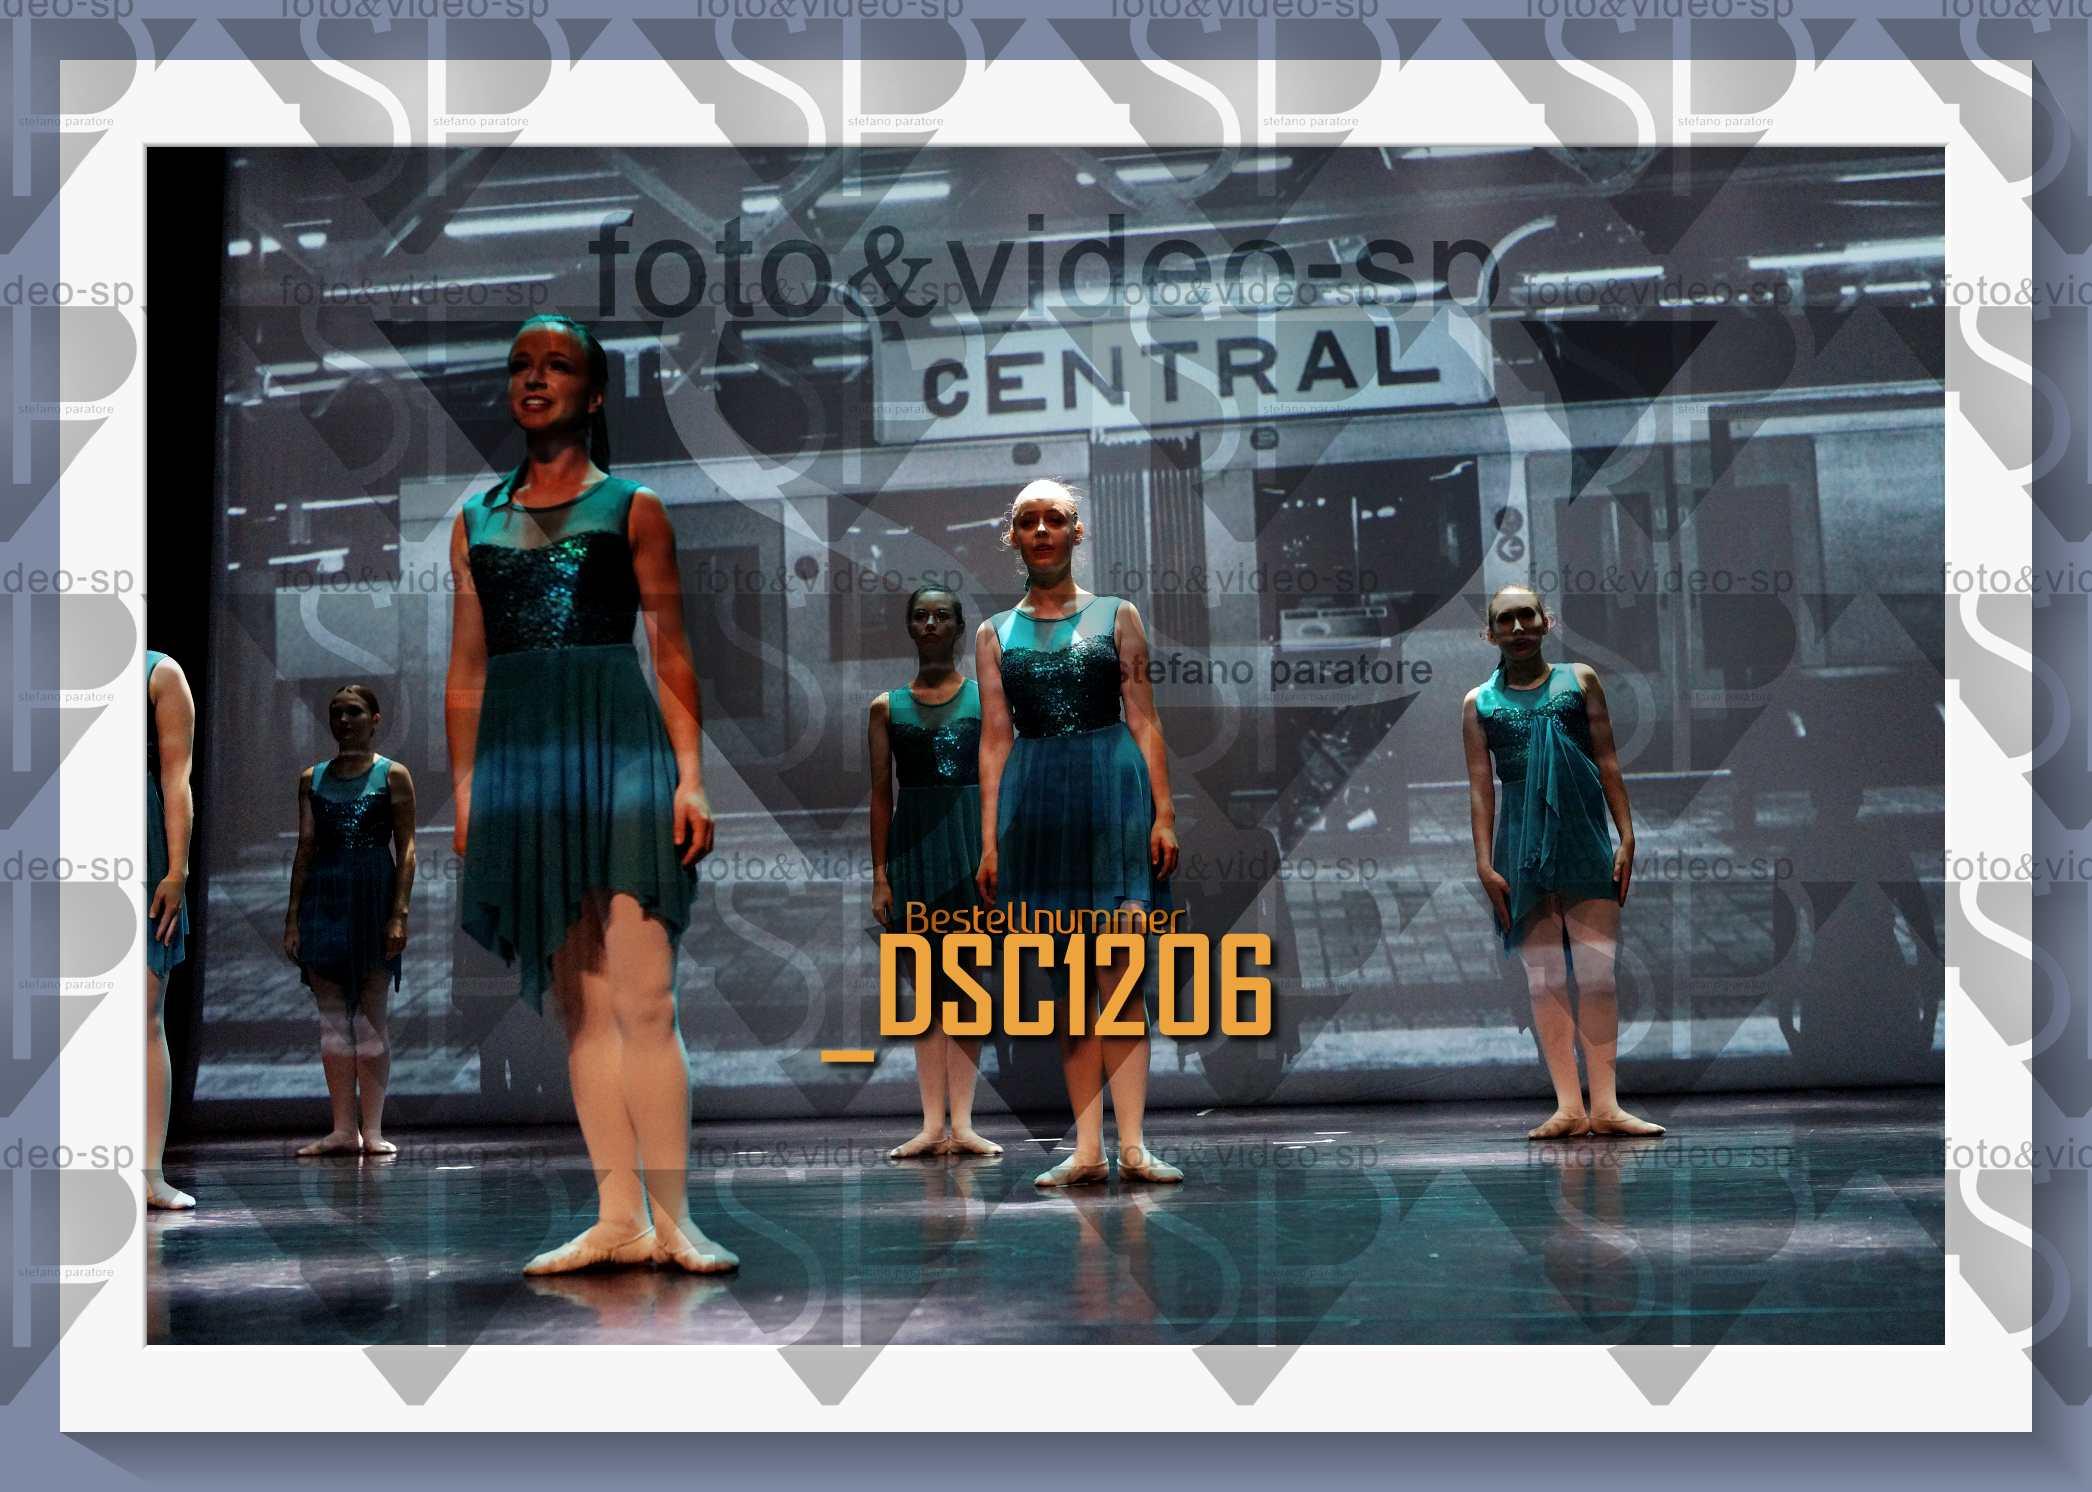 DSC1206